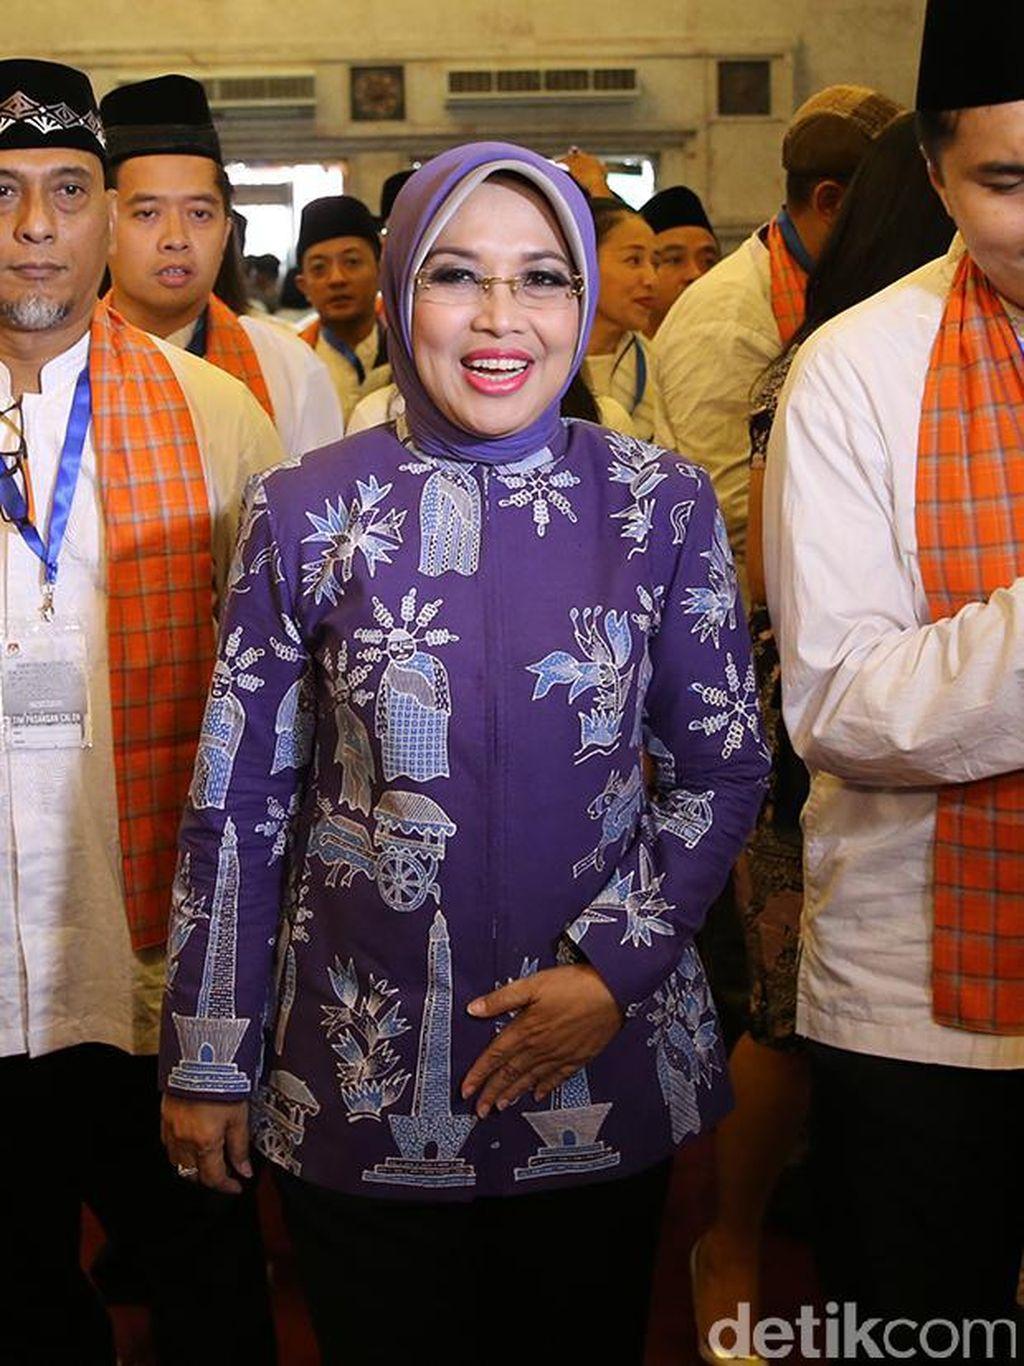 Gaya Fashion Cawagub DKI Jakarta Agus-Sylvi Saat Kampanye